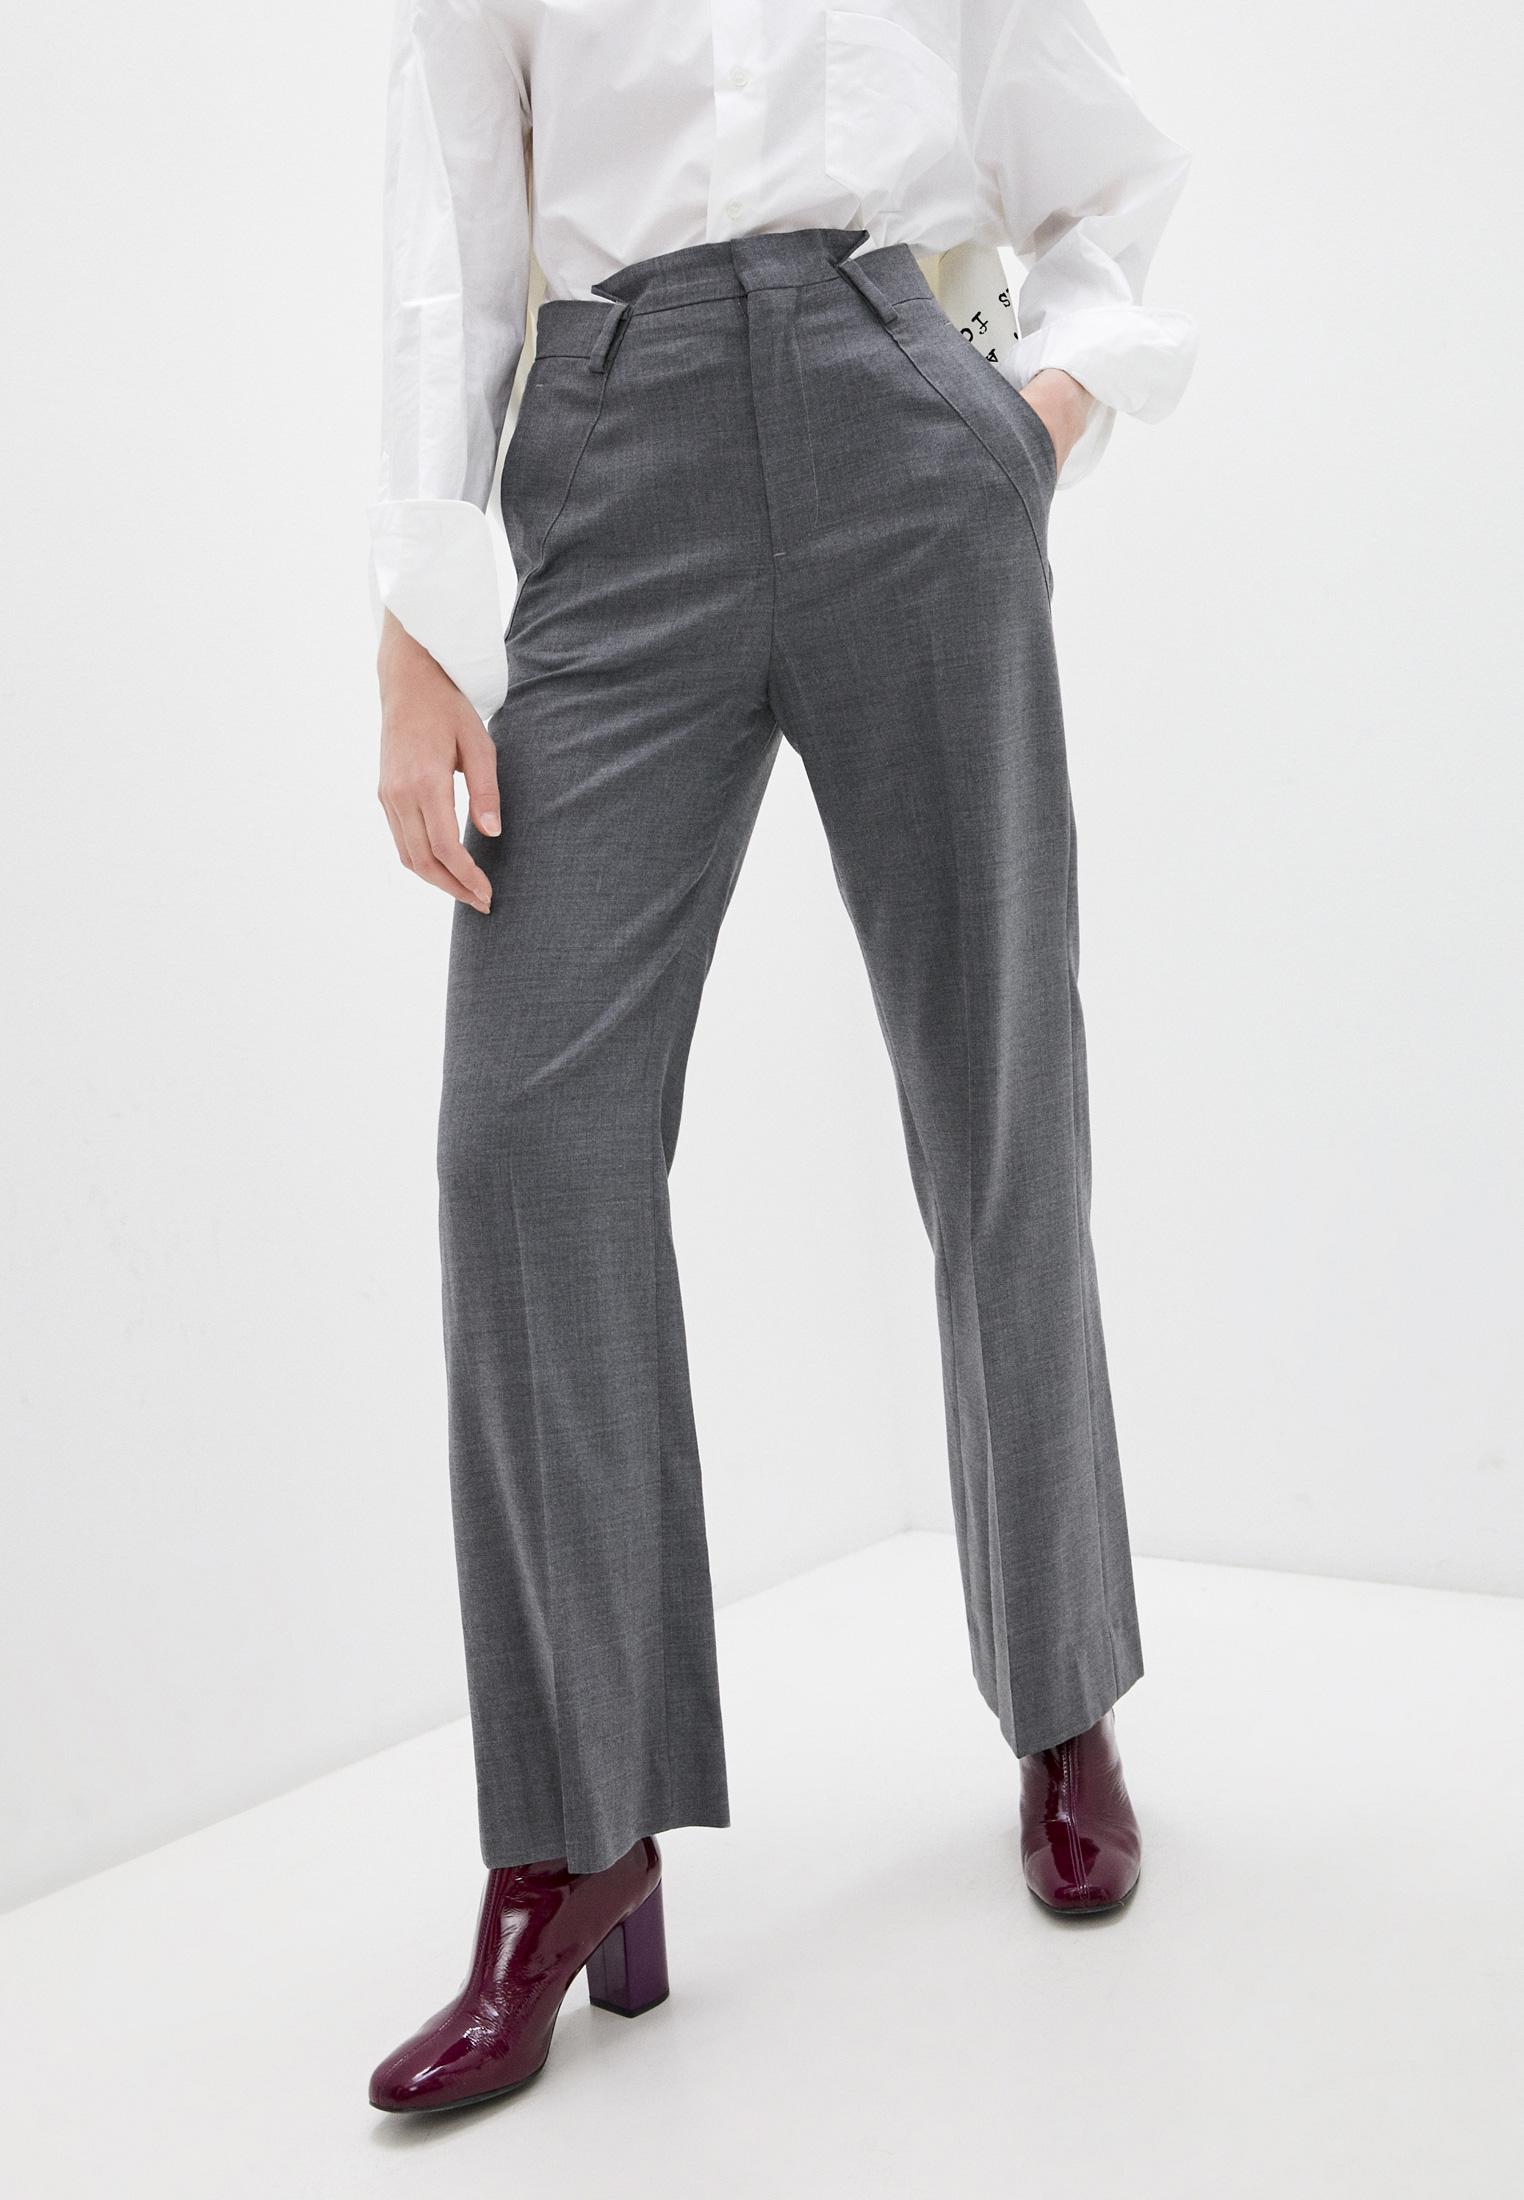 Женские классические брюки Maison Margiela Брюки Maison Margiela